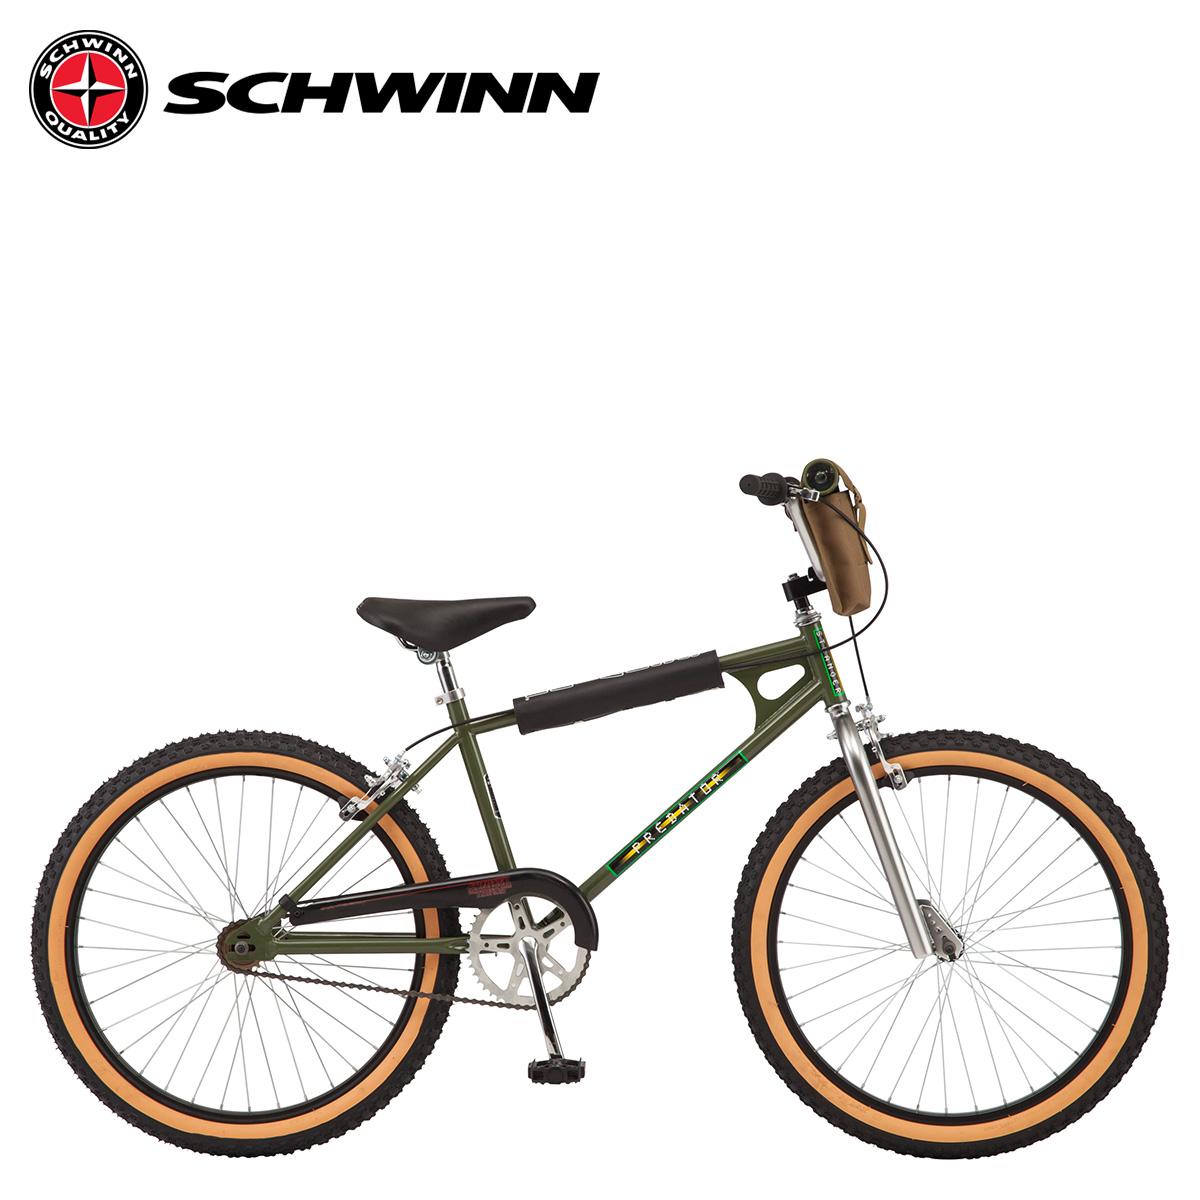 シュウィン SCHWINN ストレンジャー シングス ルーカス BMX 自転車 24インチ ストリート フリースタイル STRANGER THINGS MAX グリーン S3042WMDS